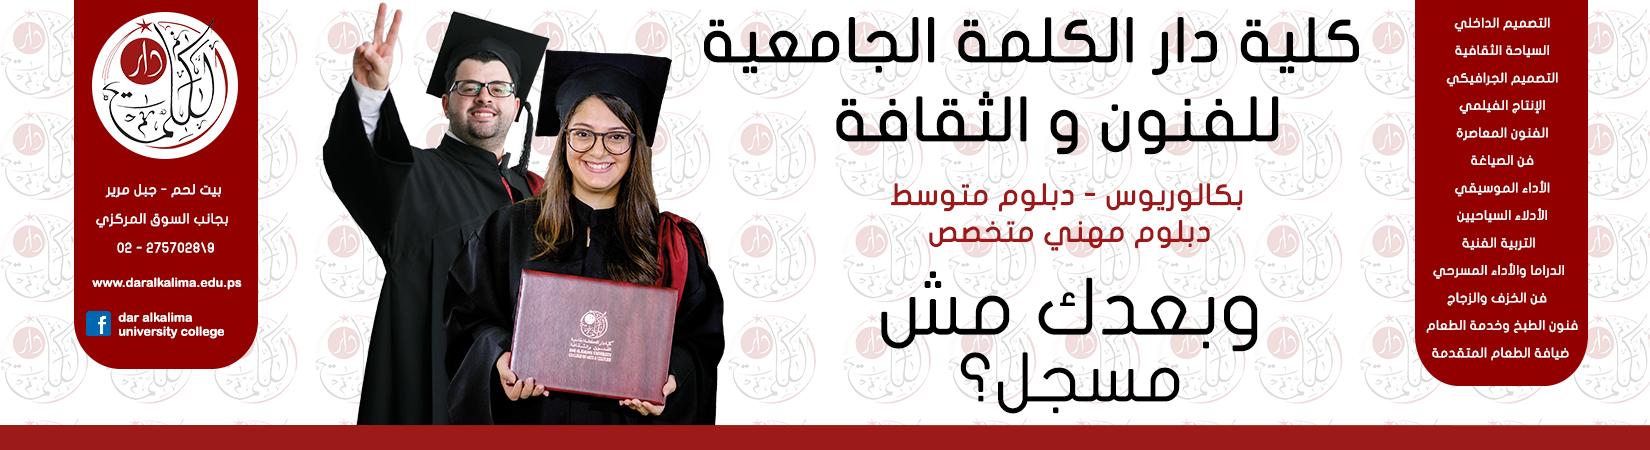 اعلان فتح باب القبول للفصل الأول من العام الدراسي 2019/ 2020